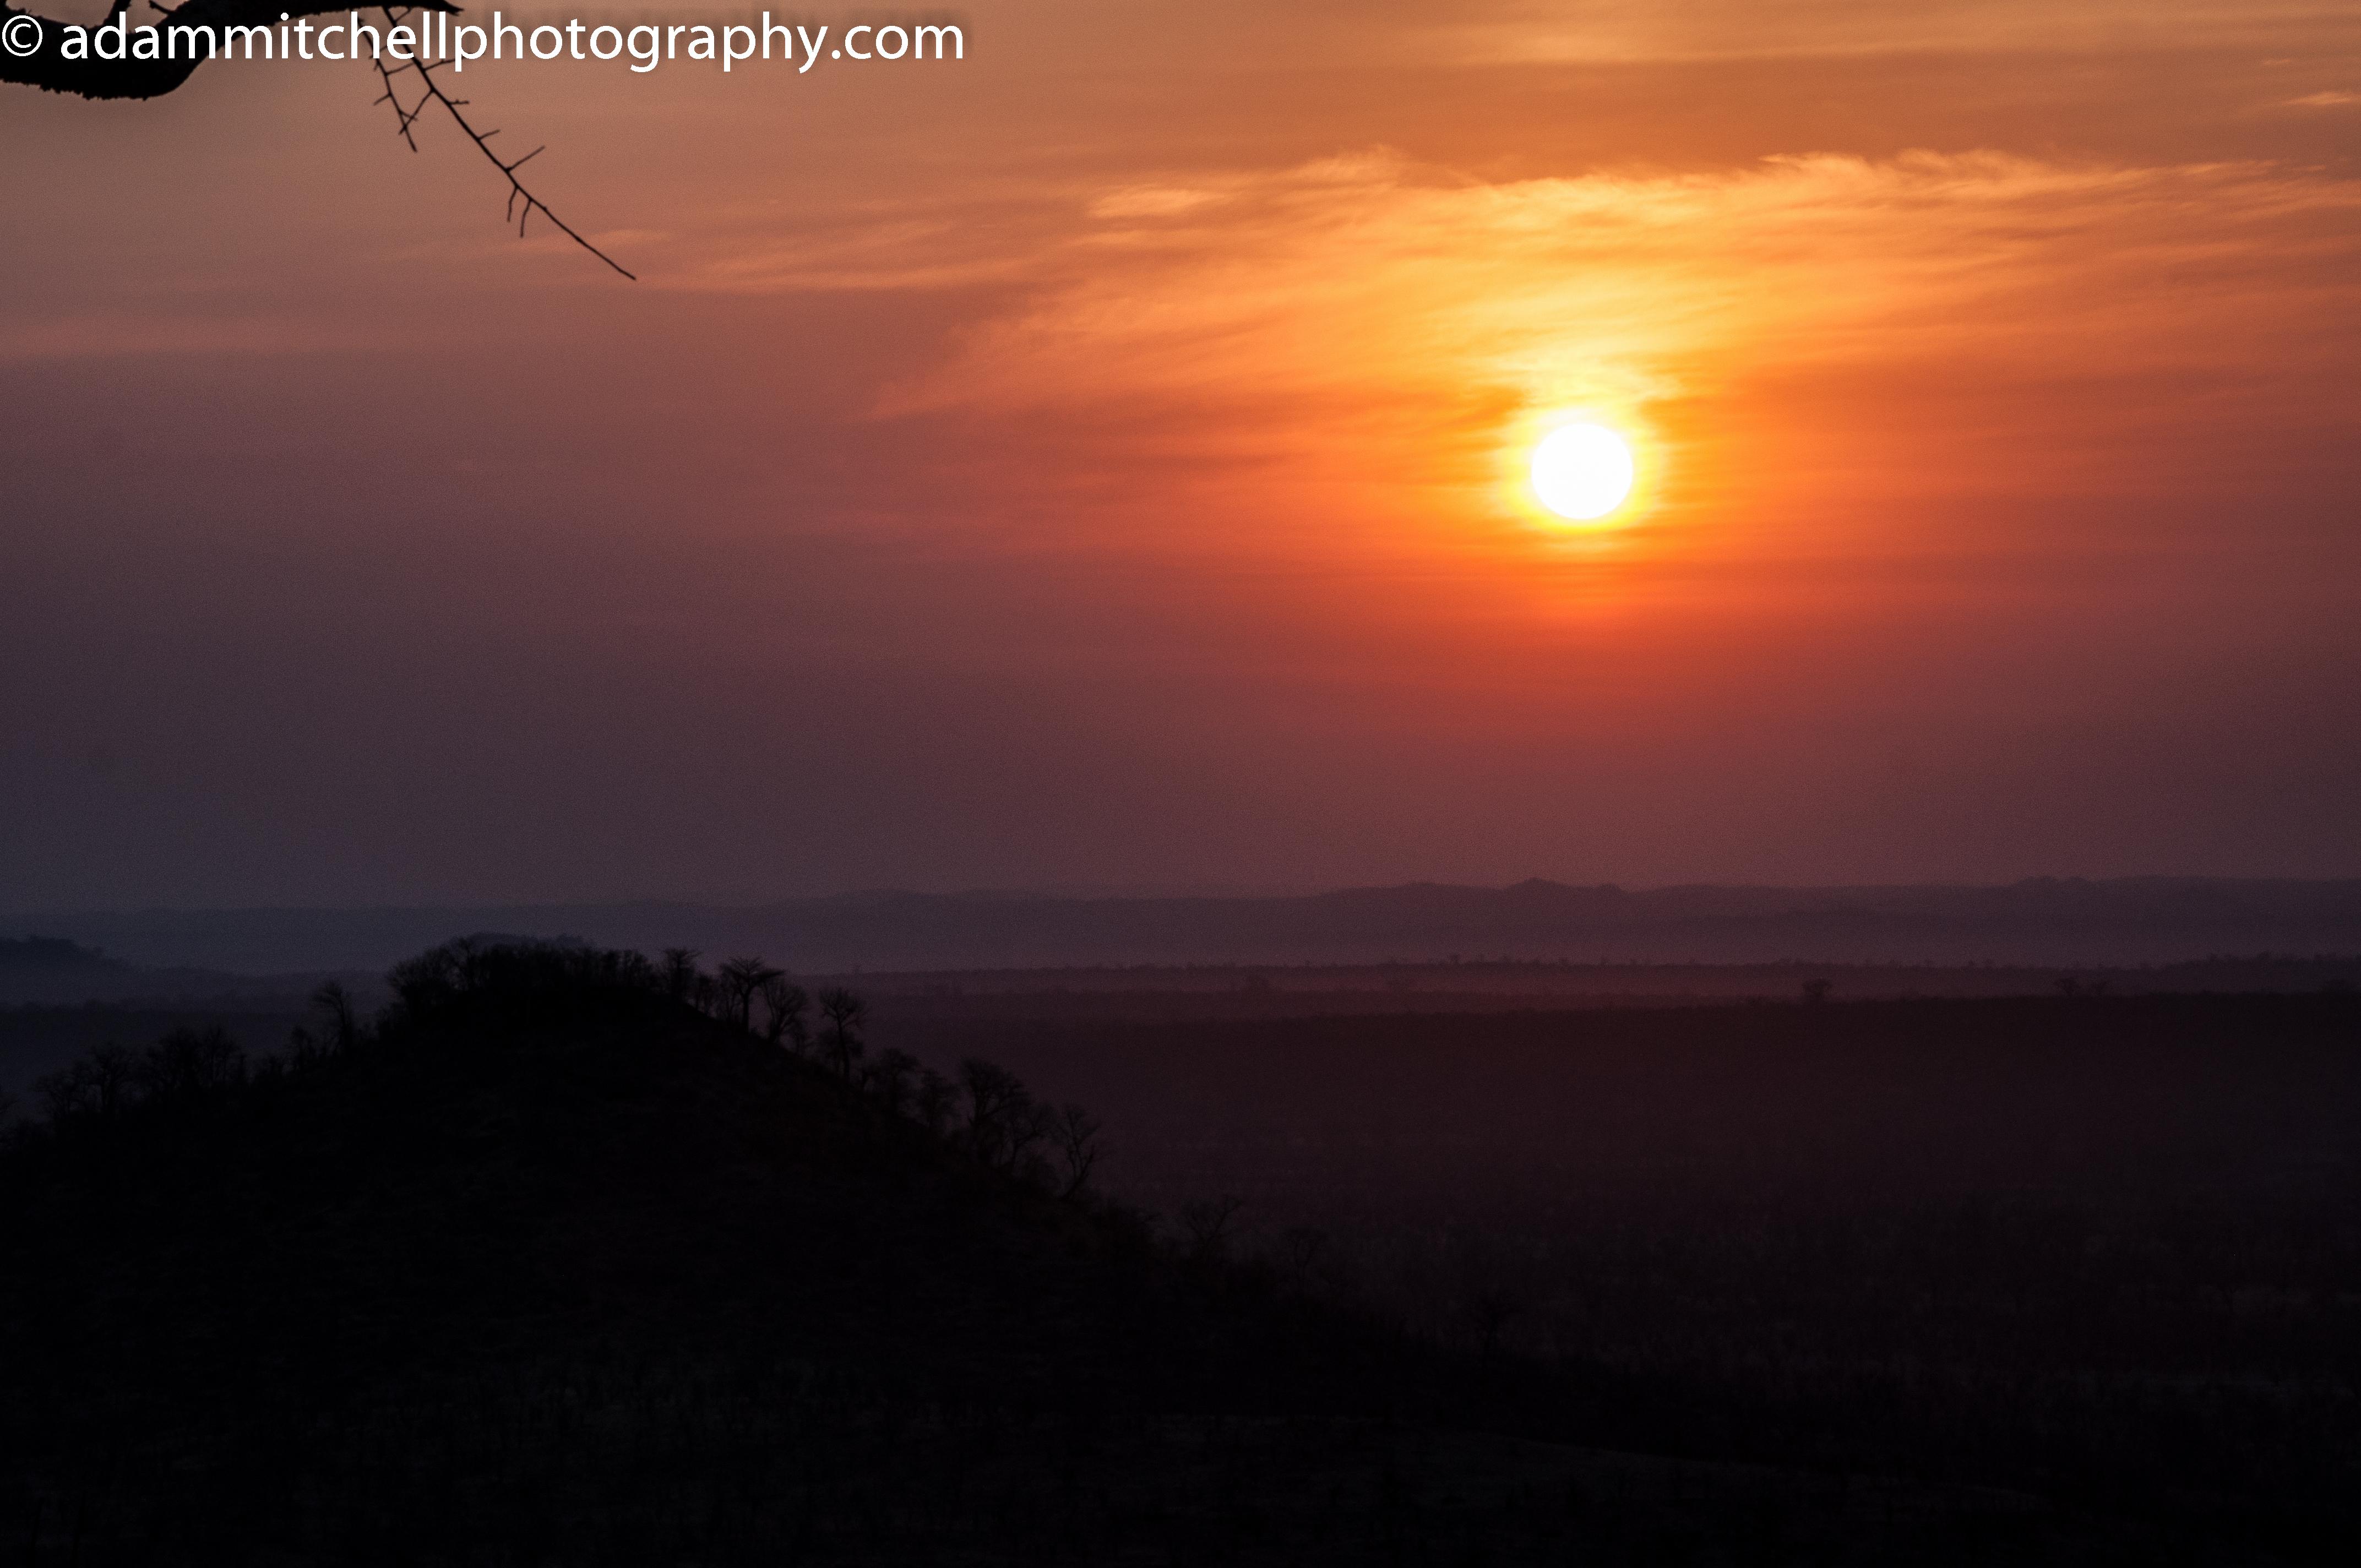 Sunset at Hwange